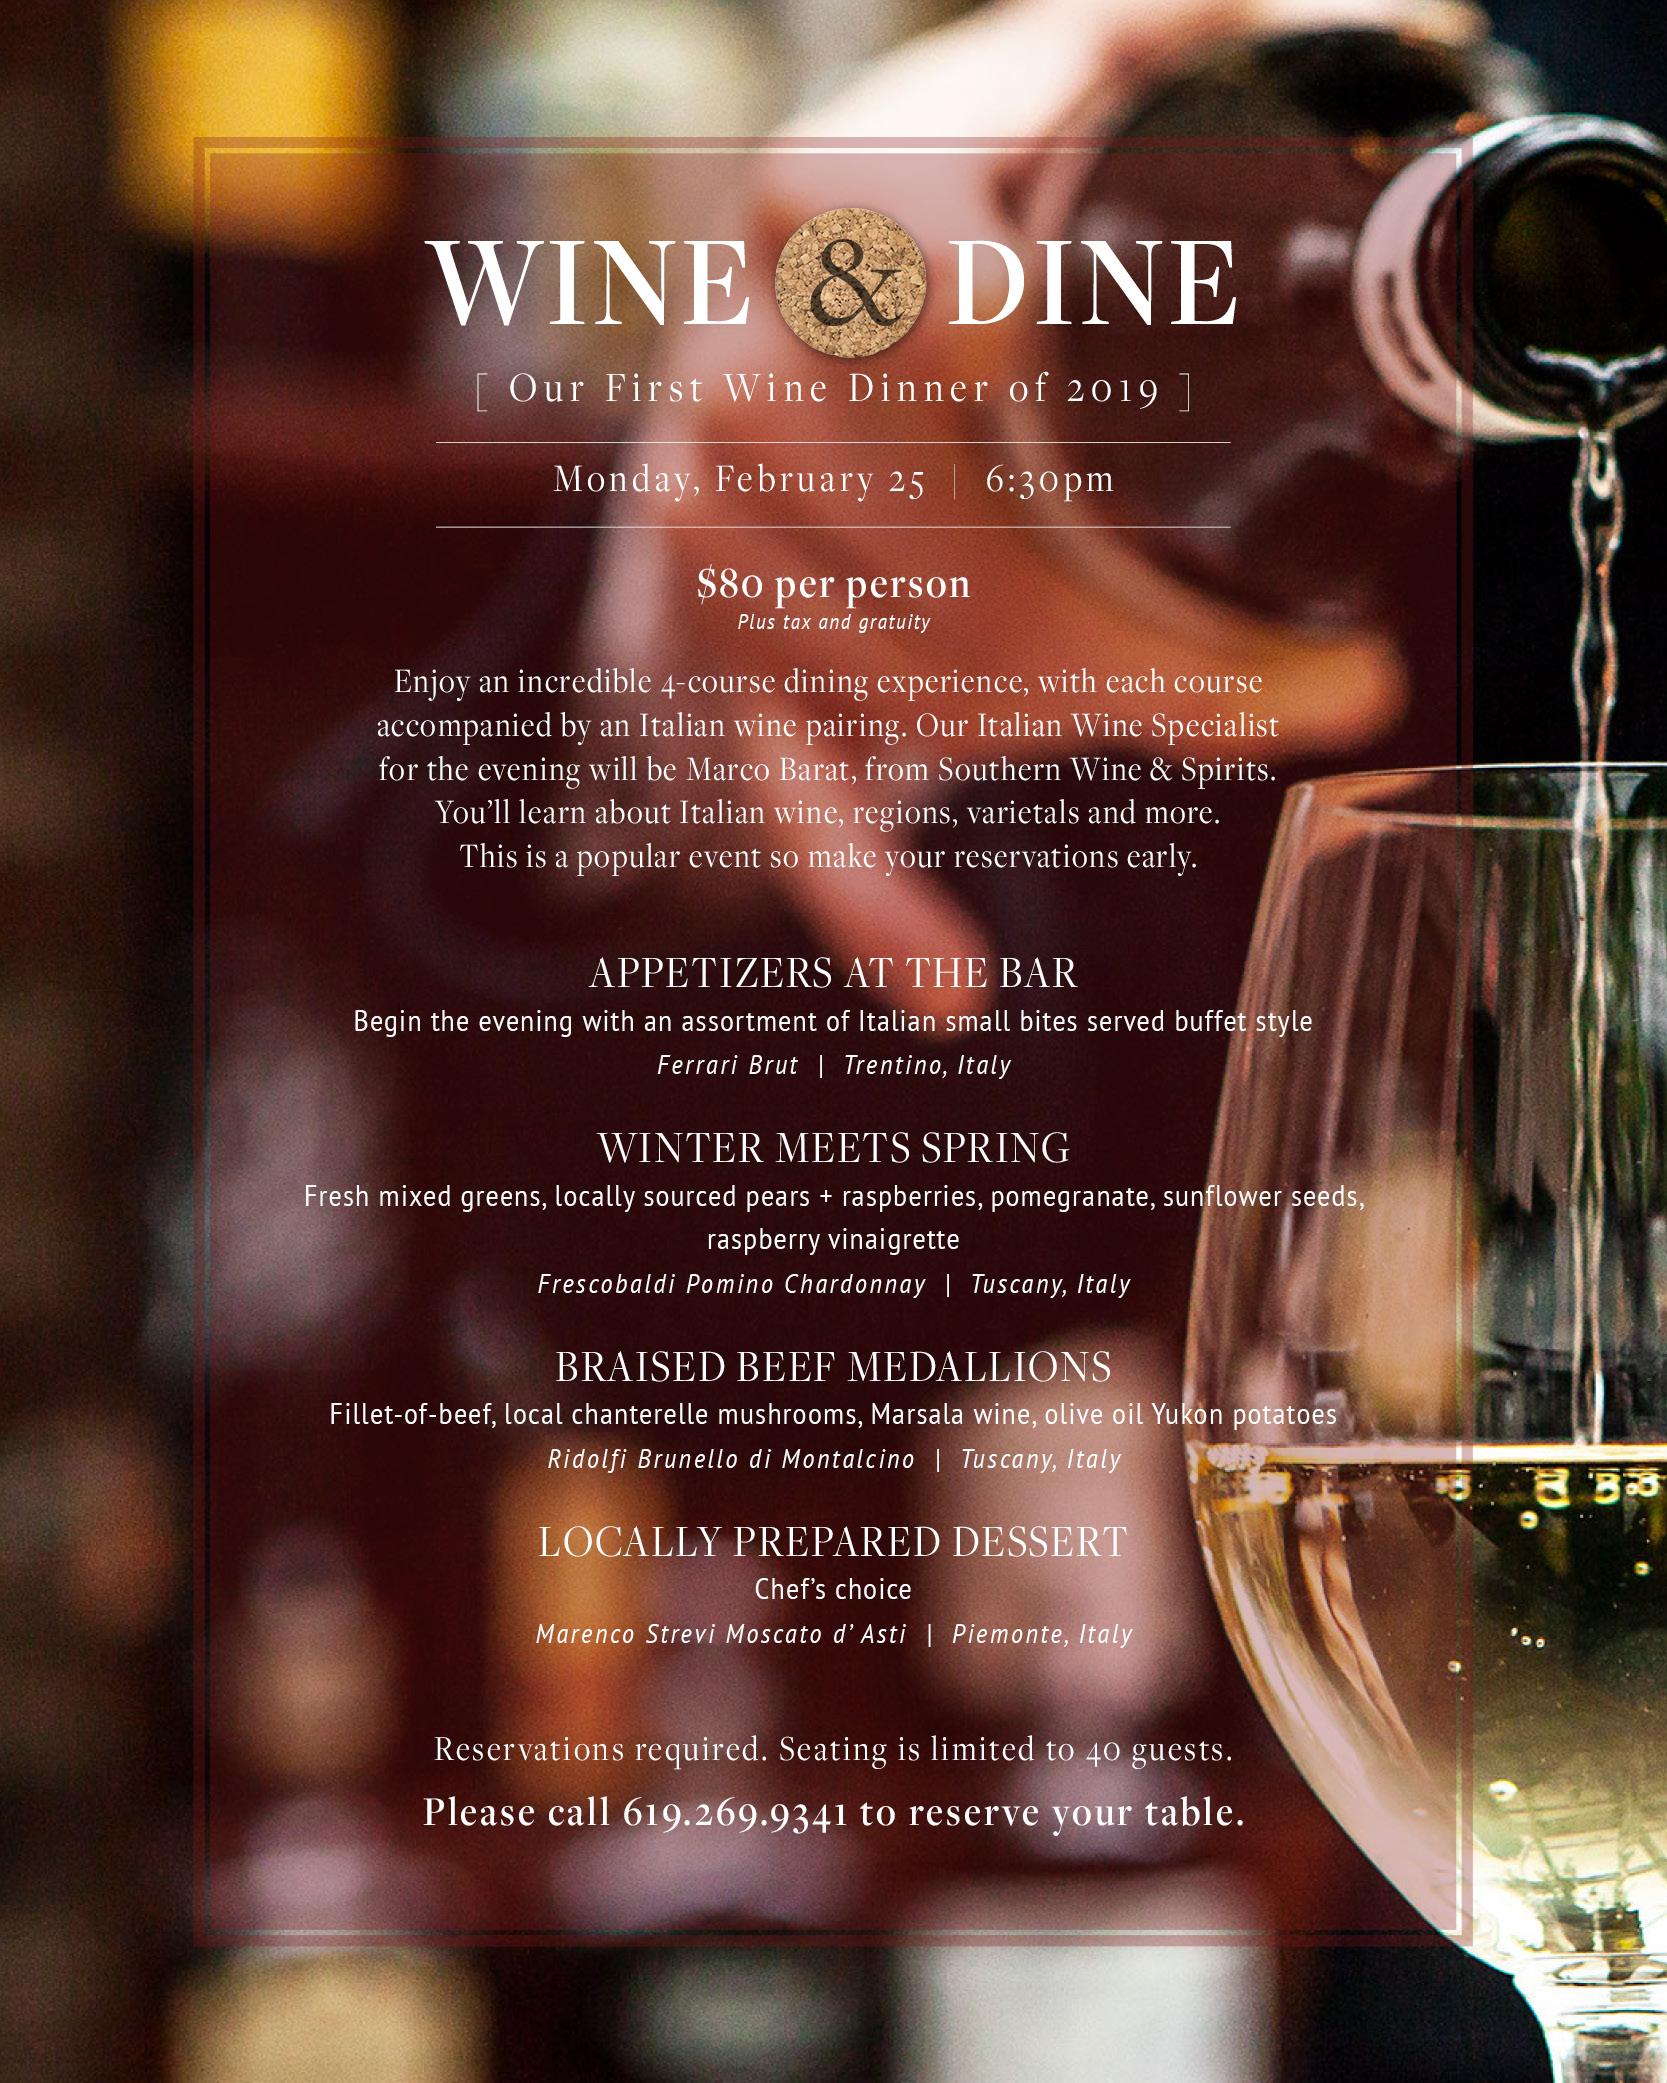 Rovino_WineDinner_Feb25_2019_forEblast_WinePairings